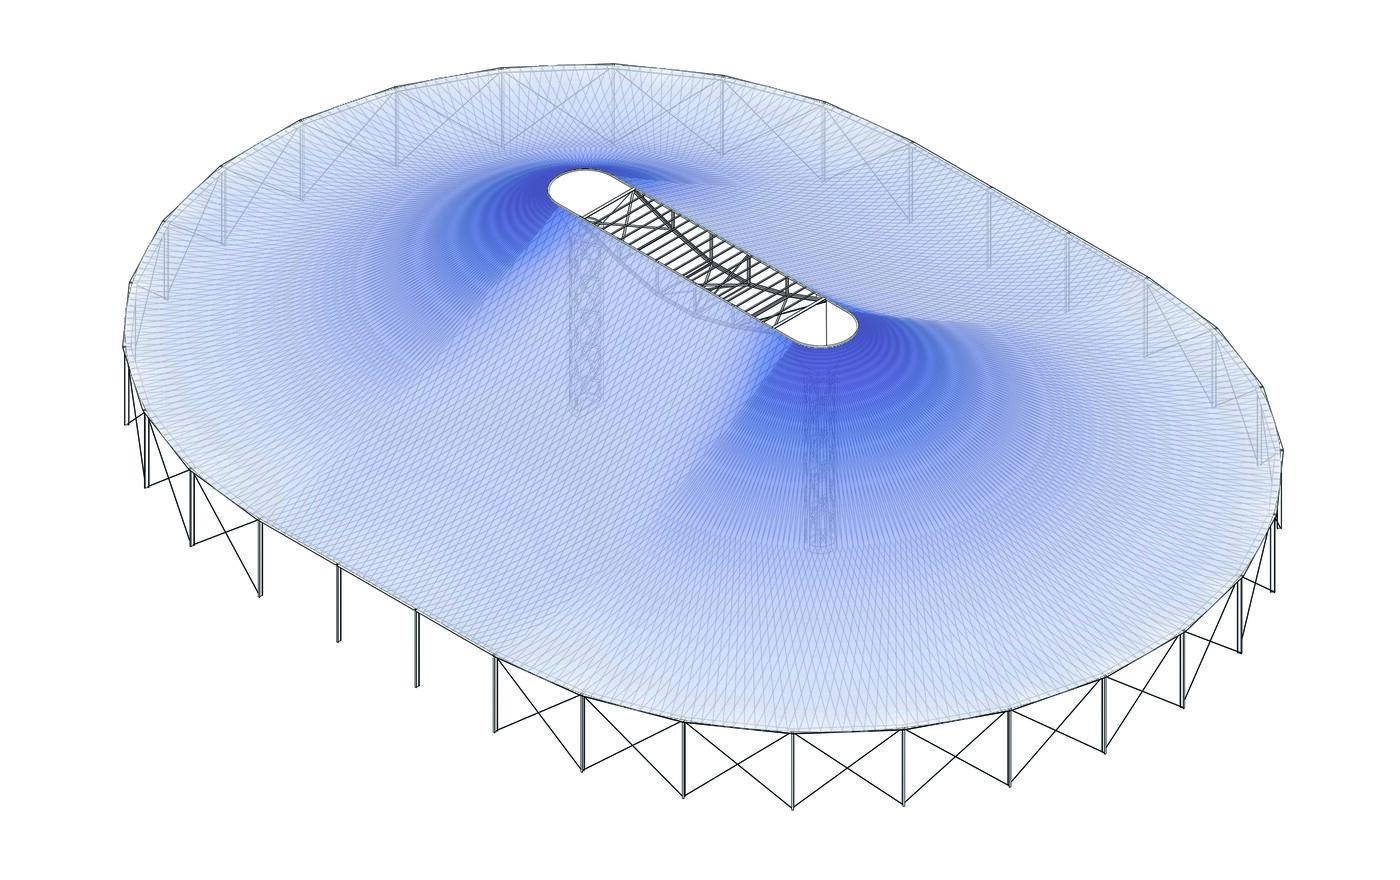 расчетная схема покрытия овального павильона в Нижнем Новороде